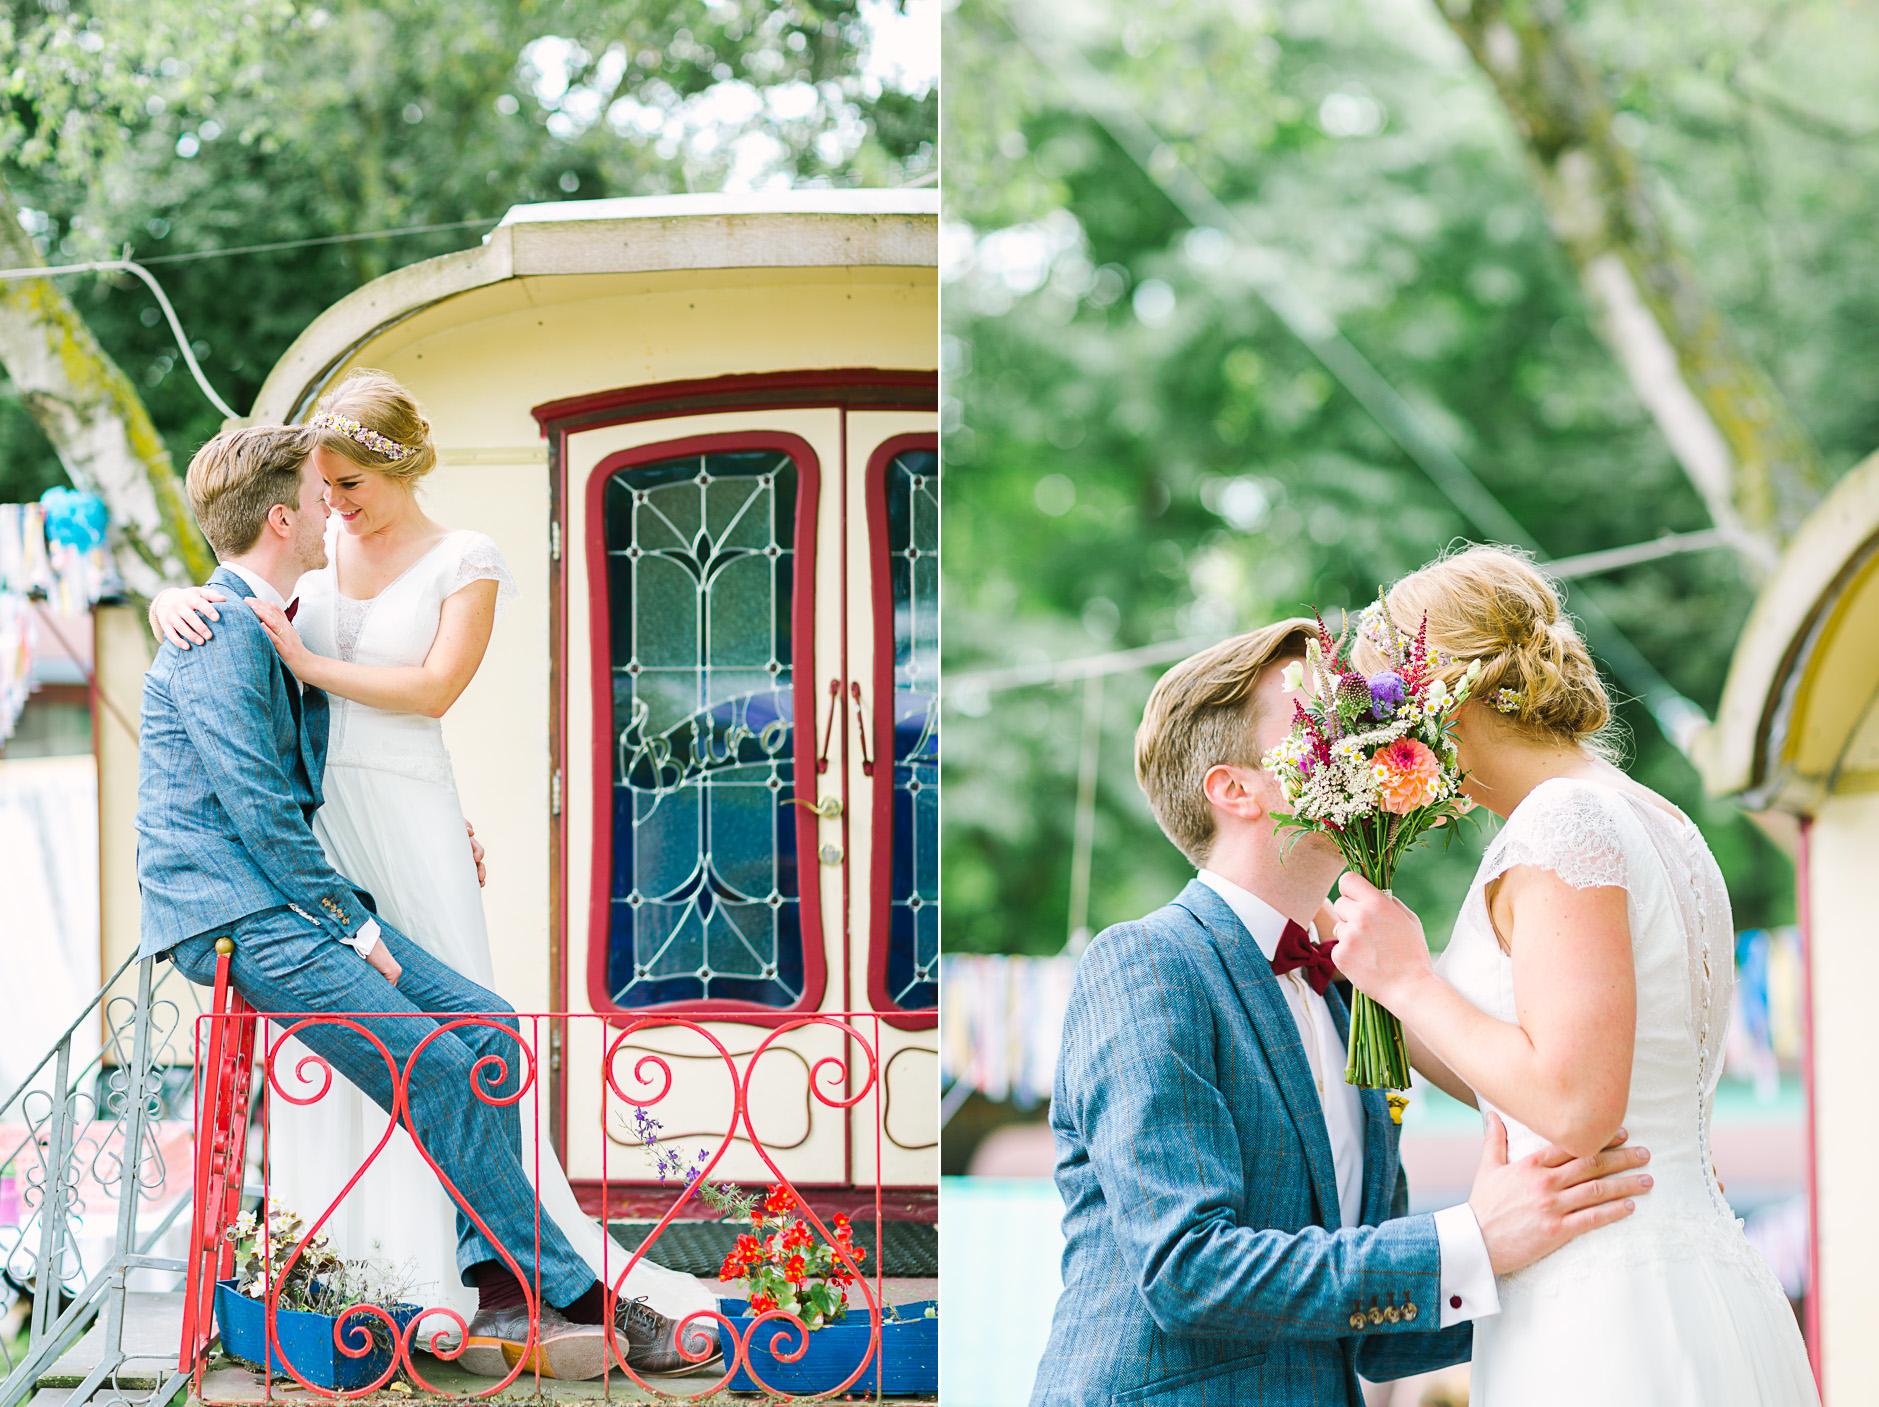 Hochzeitsfotograf Le Hai Linh Koeln Duesseldorf Bonn Zirkushochzeit Vintagehochzeit Sommerhochzeit 115.jpg